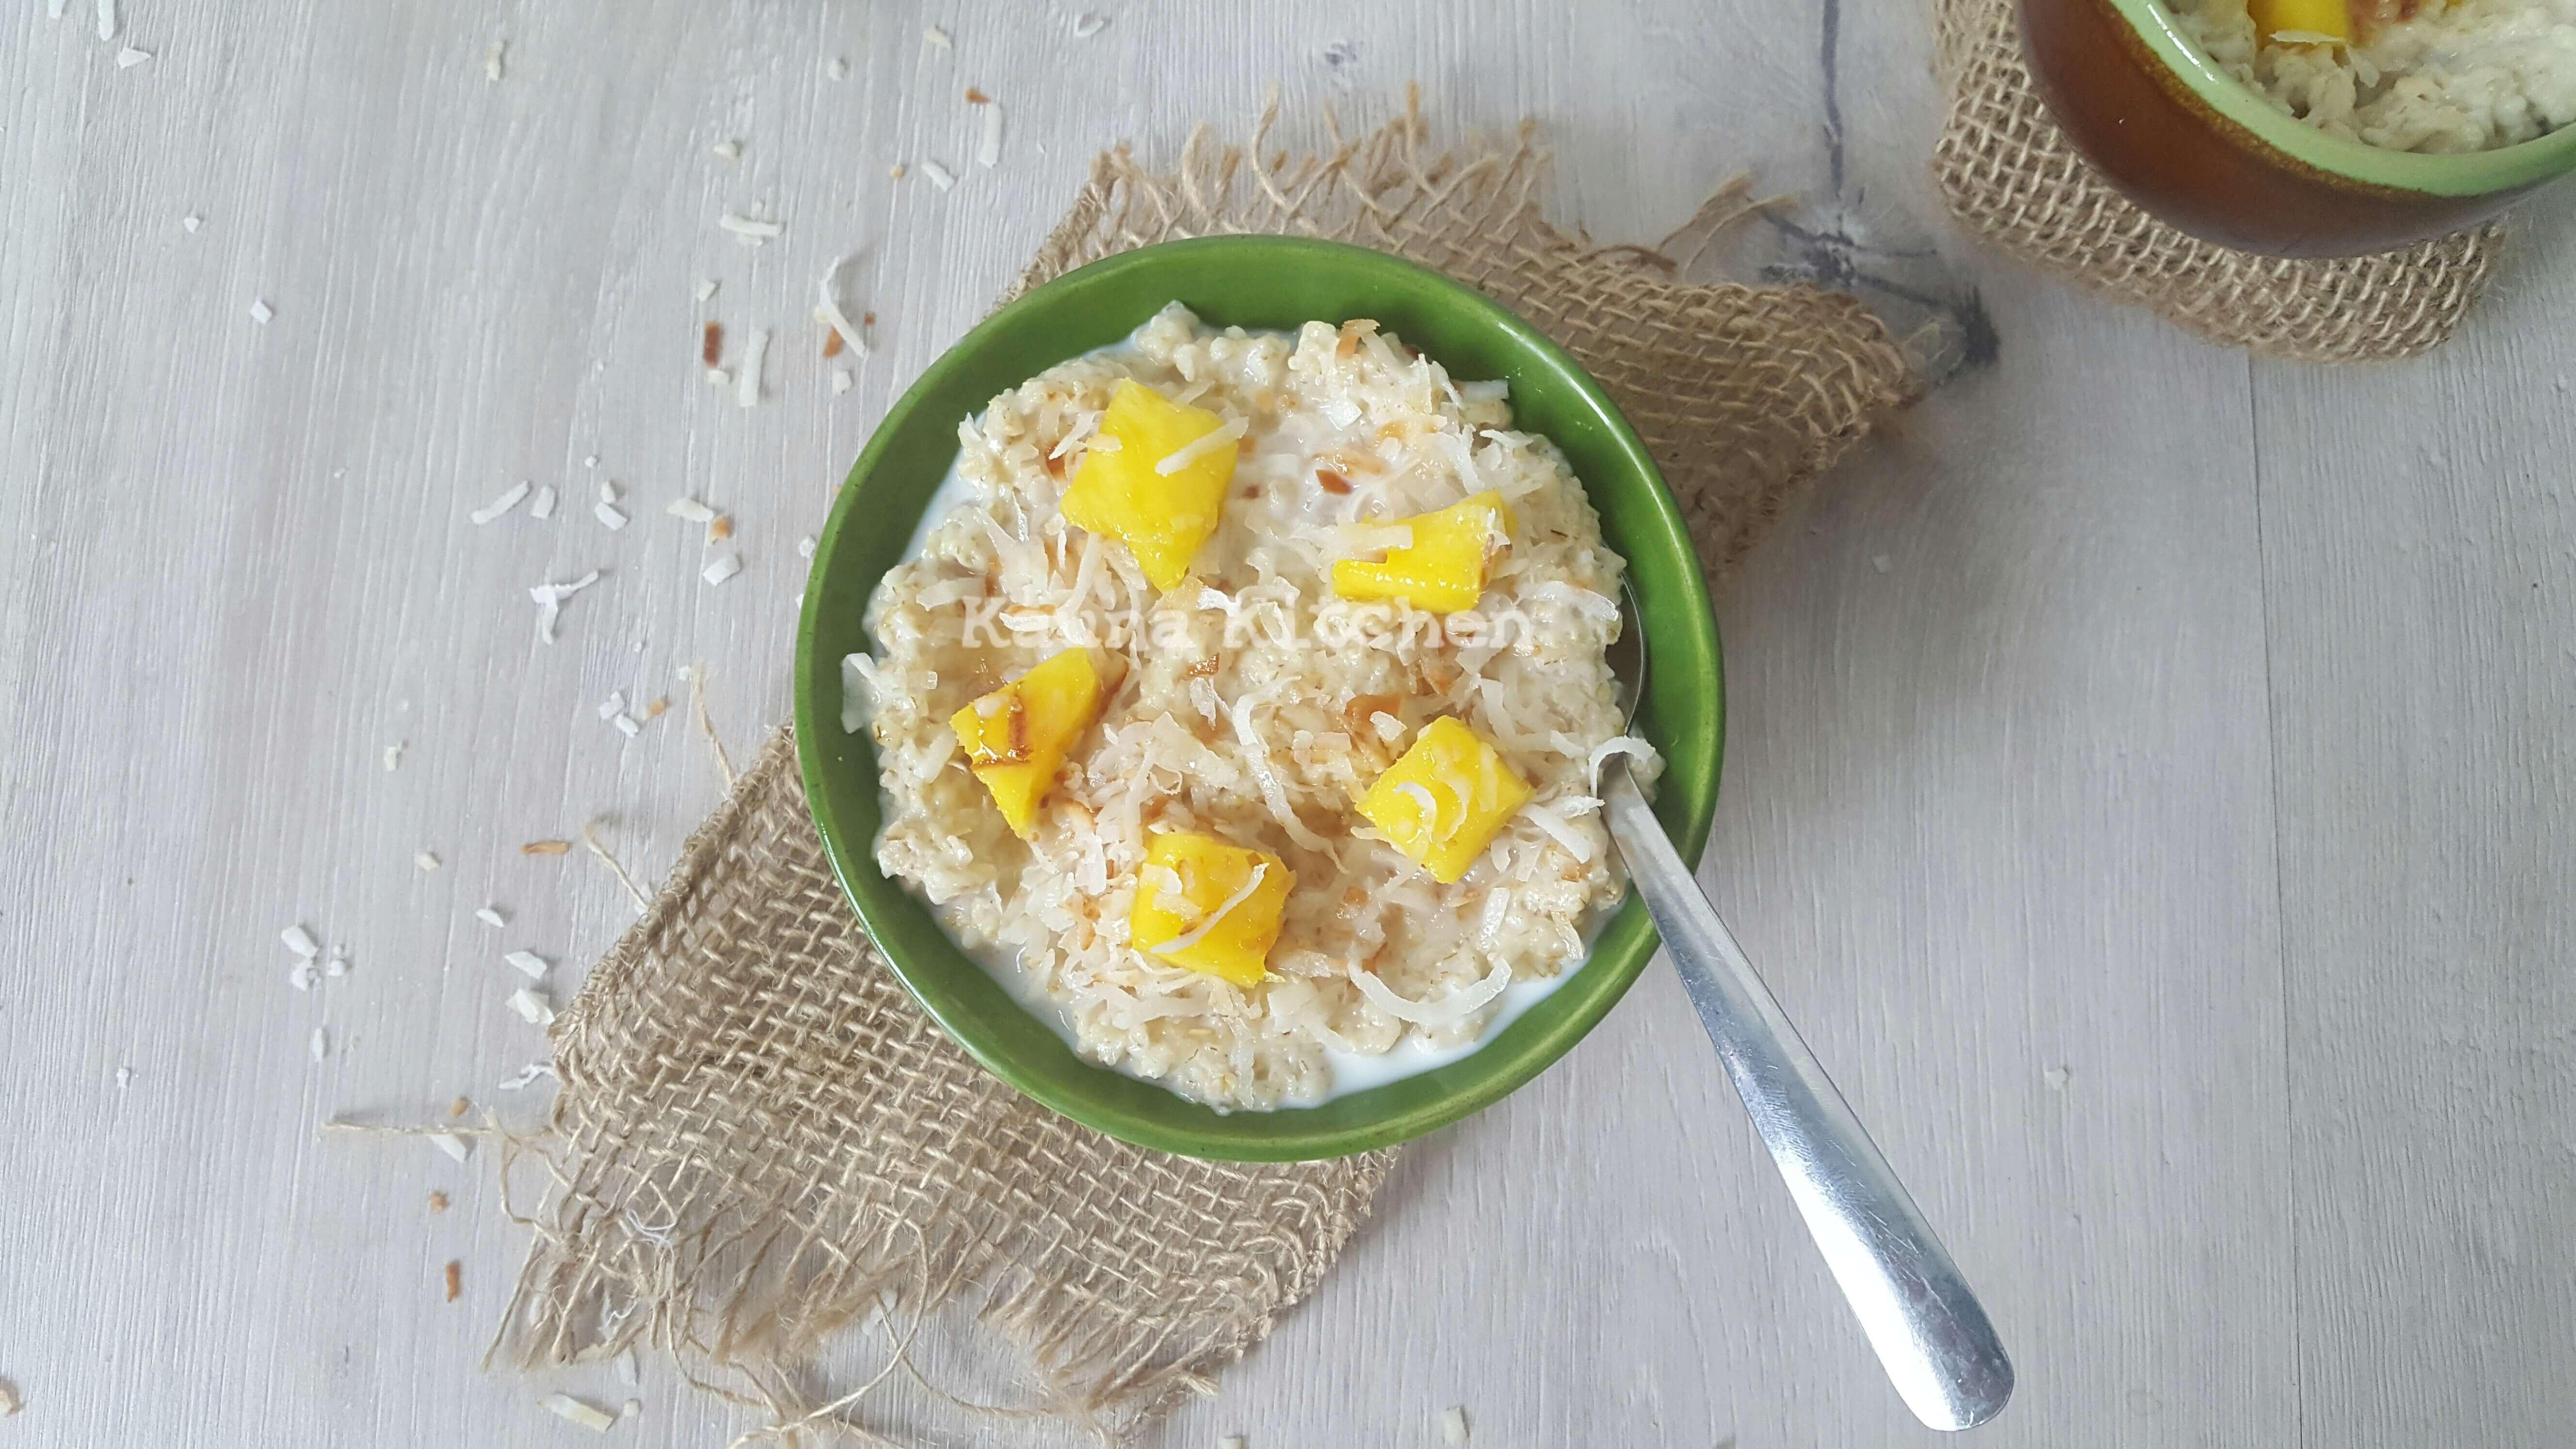 Nigerian oatmeal porridge